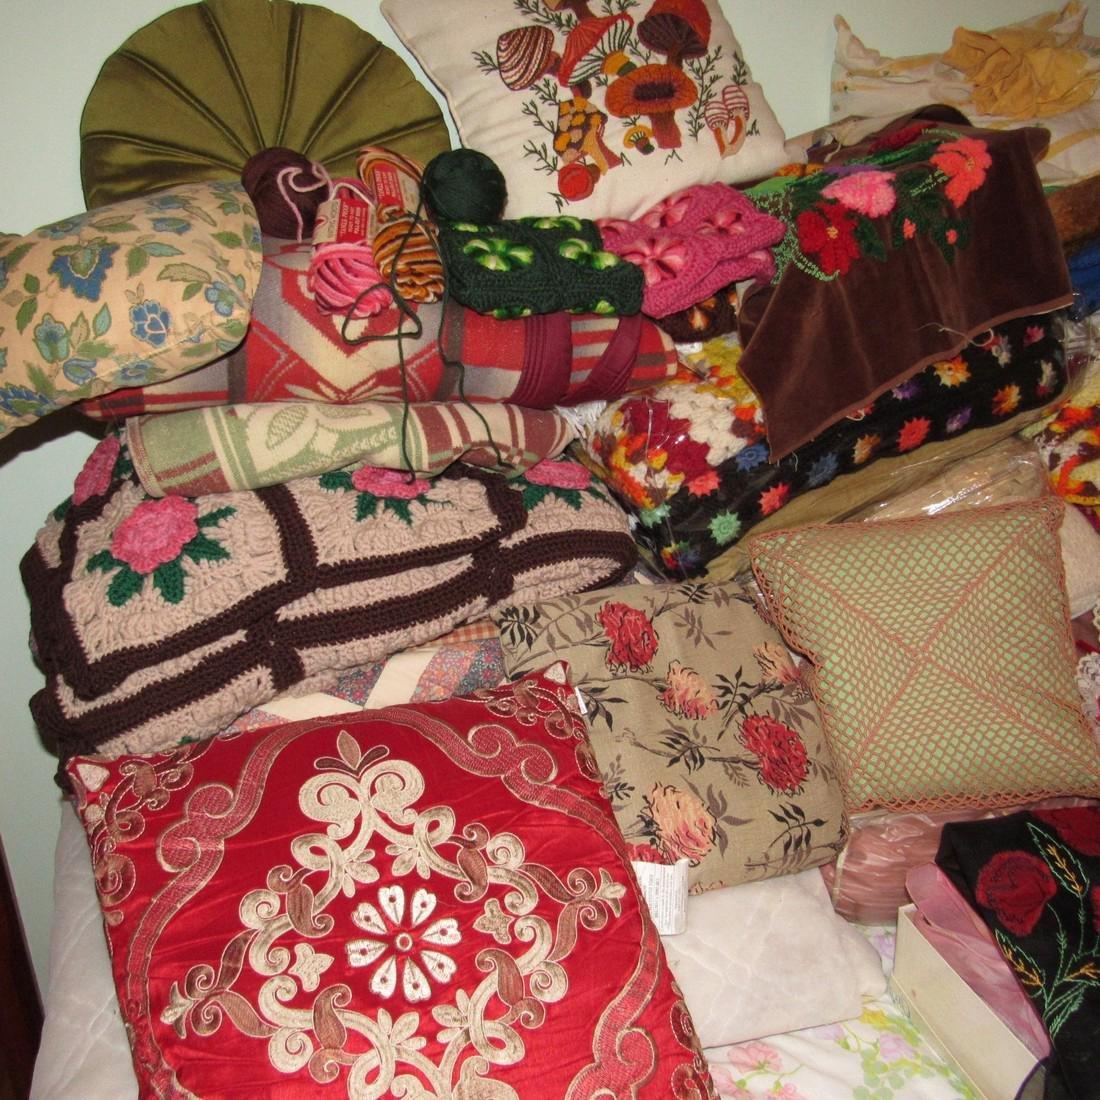 Bedspreads Pillows Blankets Doilies Hangers - 7